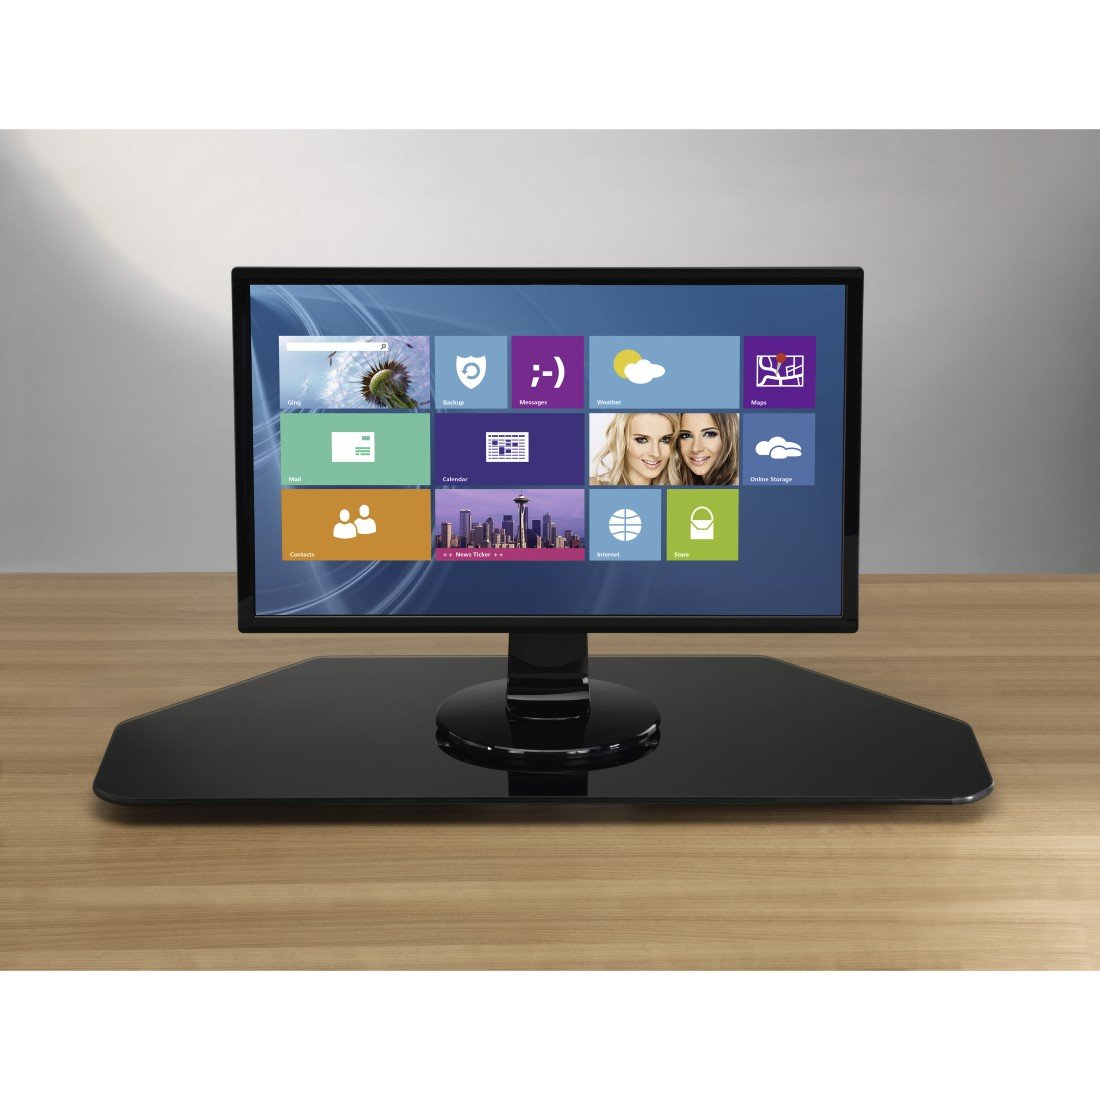 Hama TV-Drehteller f/ür Fernseher und Monitore Bis 60 kg, Drehbar um 360/°, 80 x 40 cm, Sicherheitsglas transparent